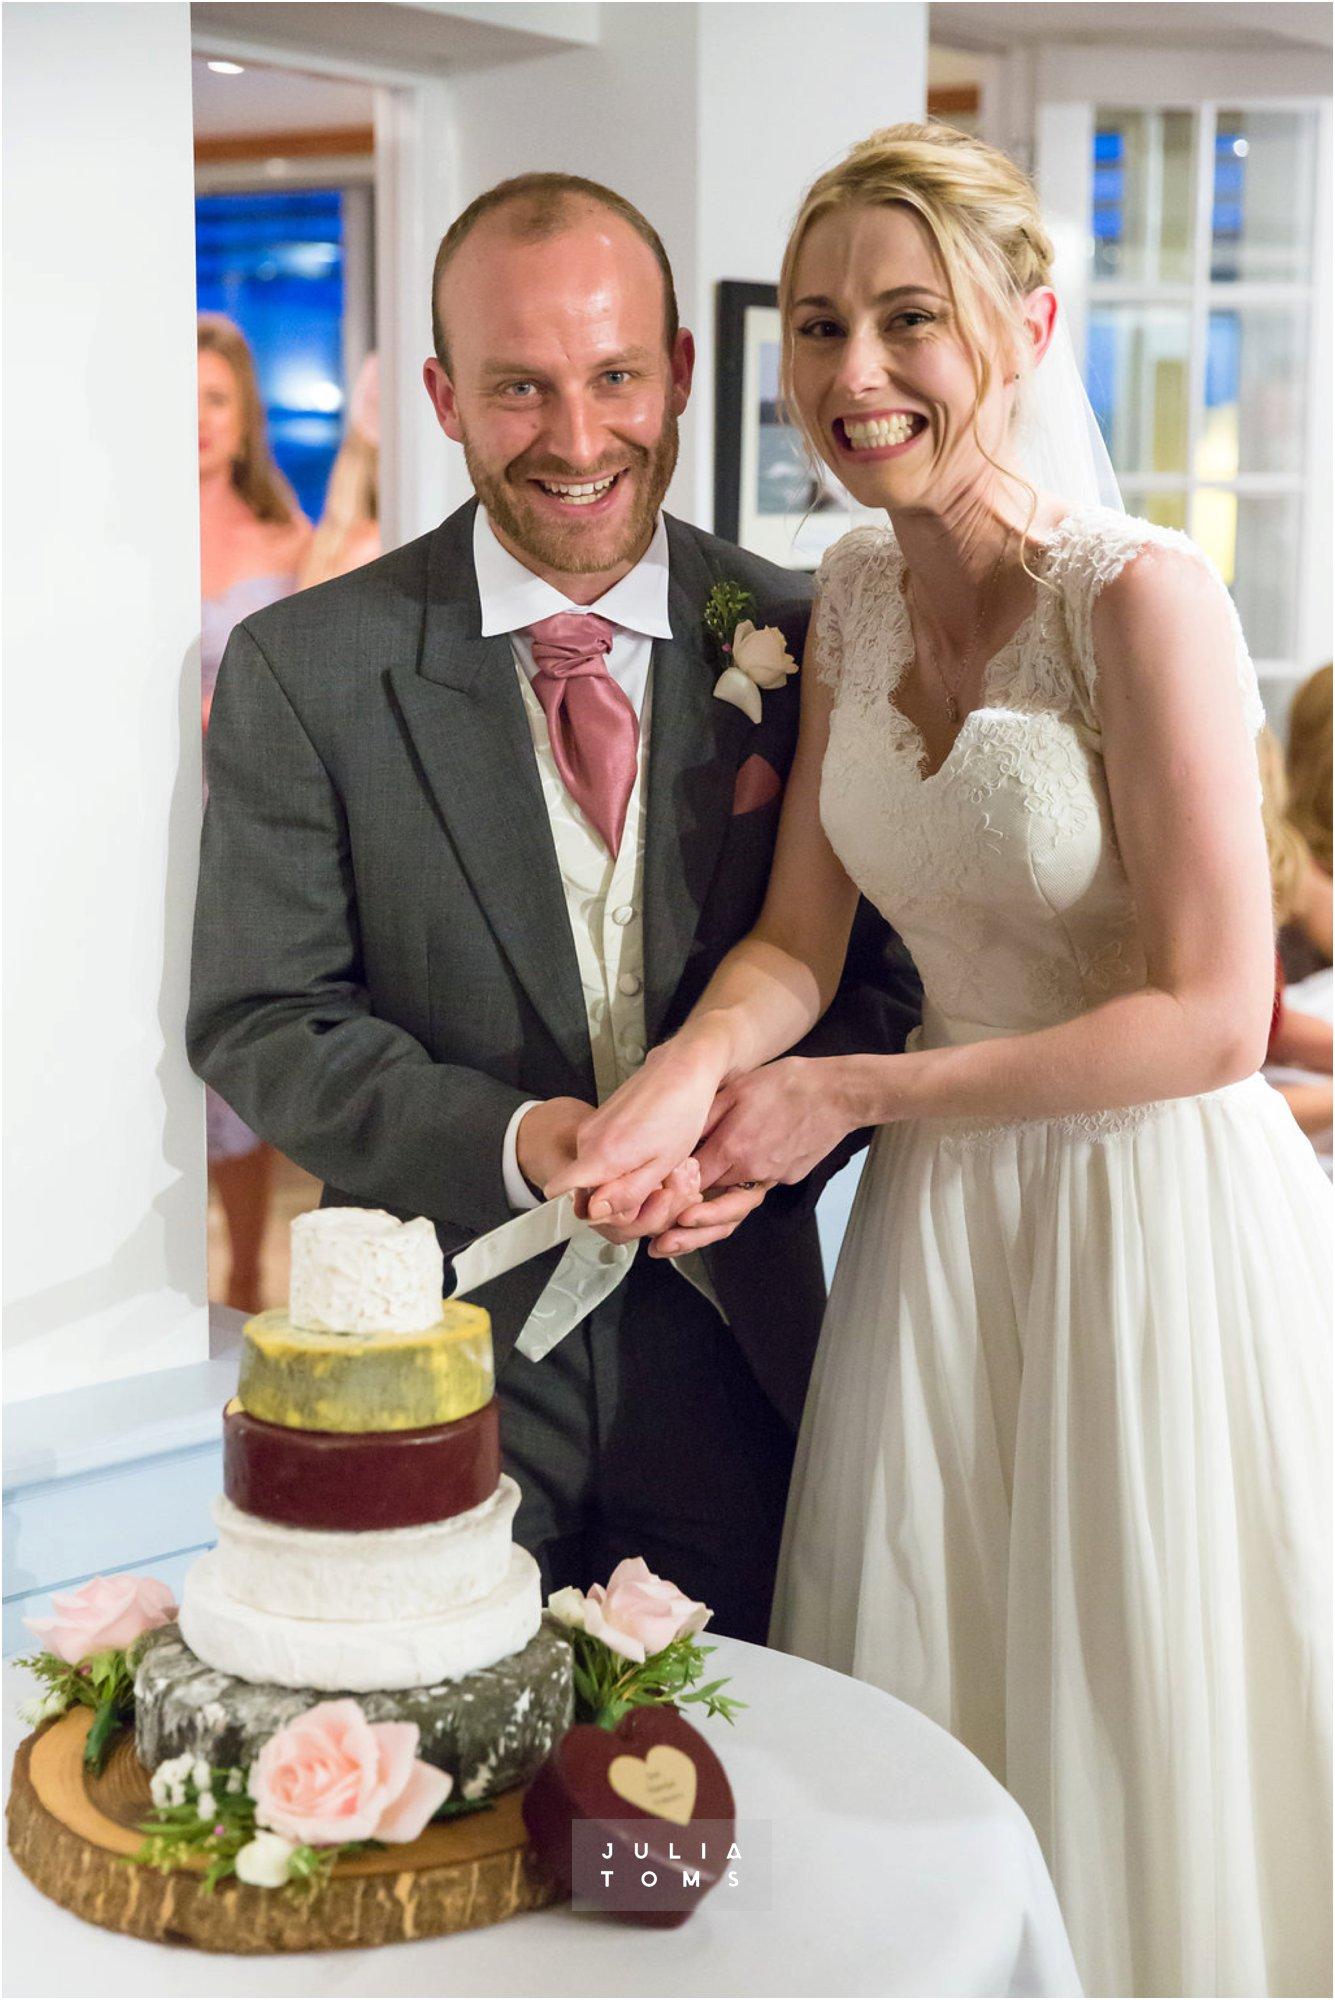 itchenor_wedding_chichester_photographer_087.jpg